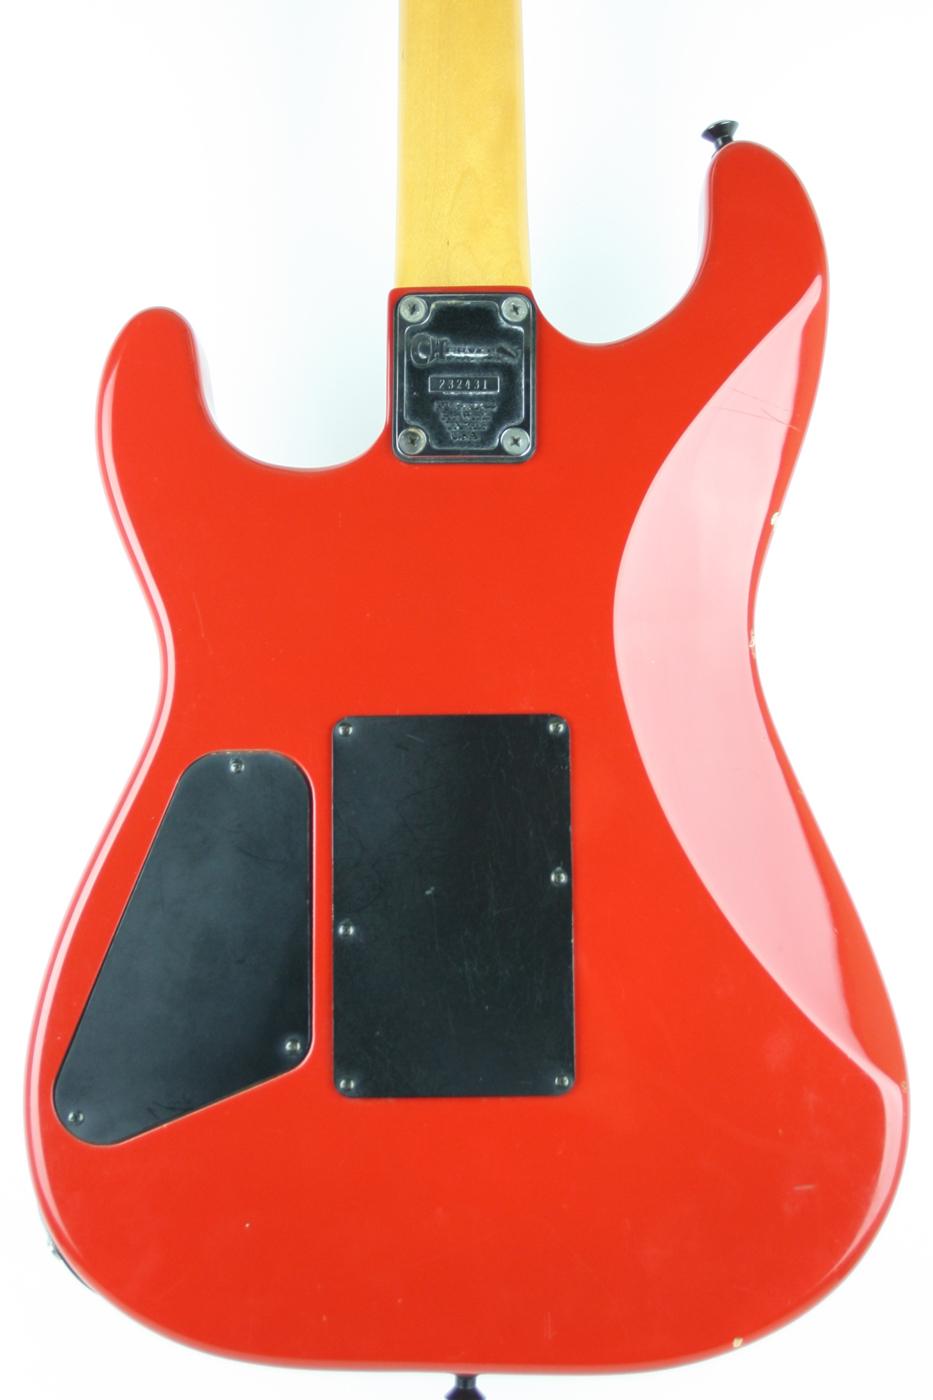 1980s Charvel Model 2 Red